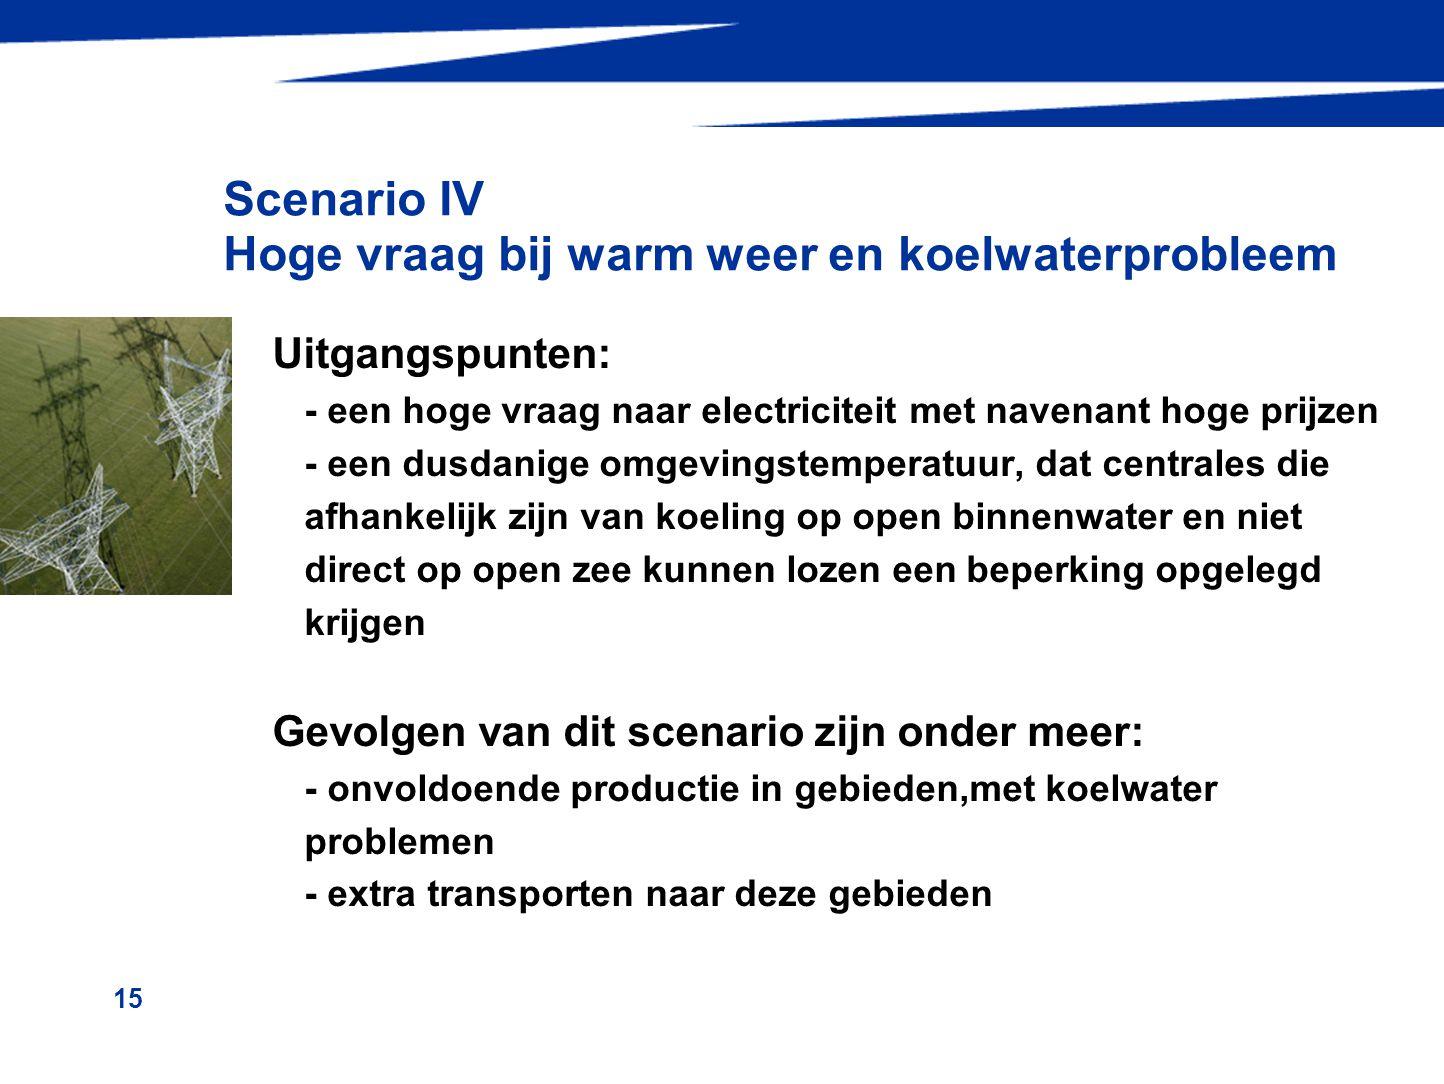 15 Scenario IV Hoge vraag bij warm weer en koelwaterprobleem Uitgangspunten: - een hoge vraag naar electriciteit met navenant hoge prijzen - een dusda